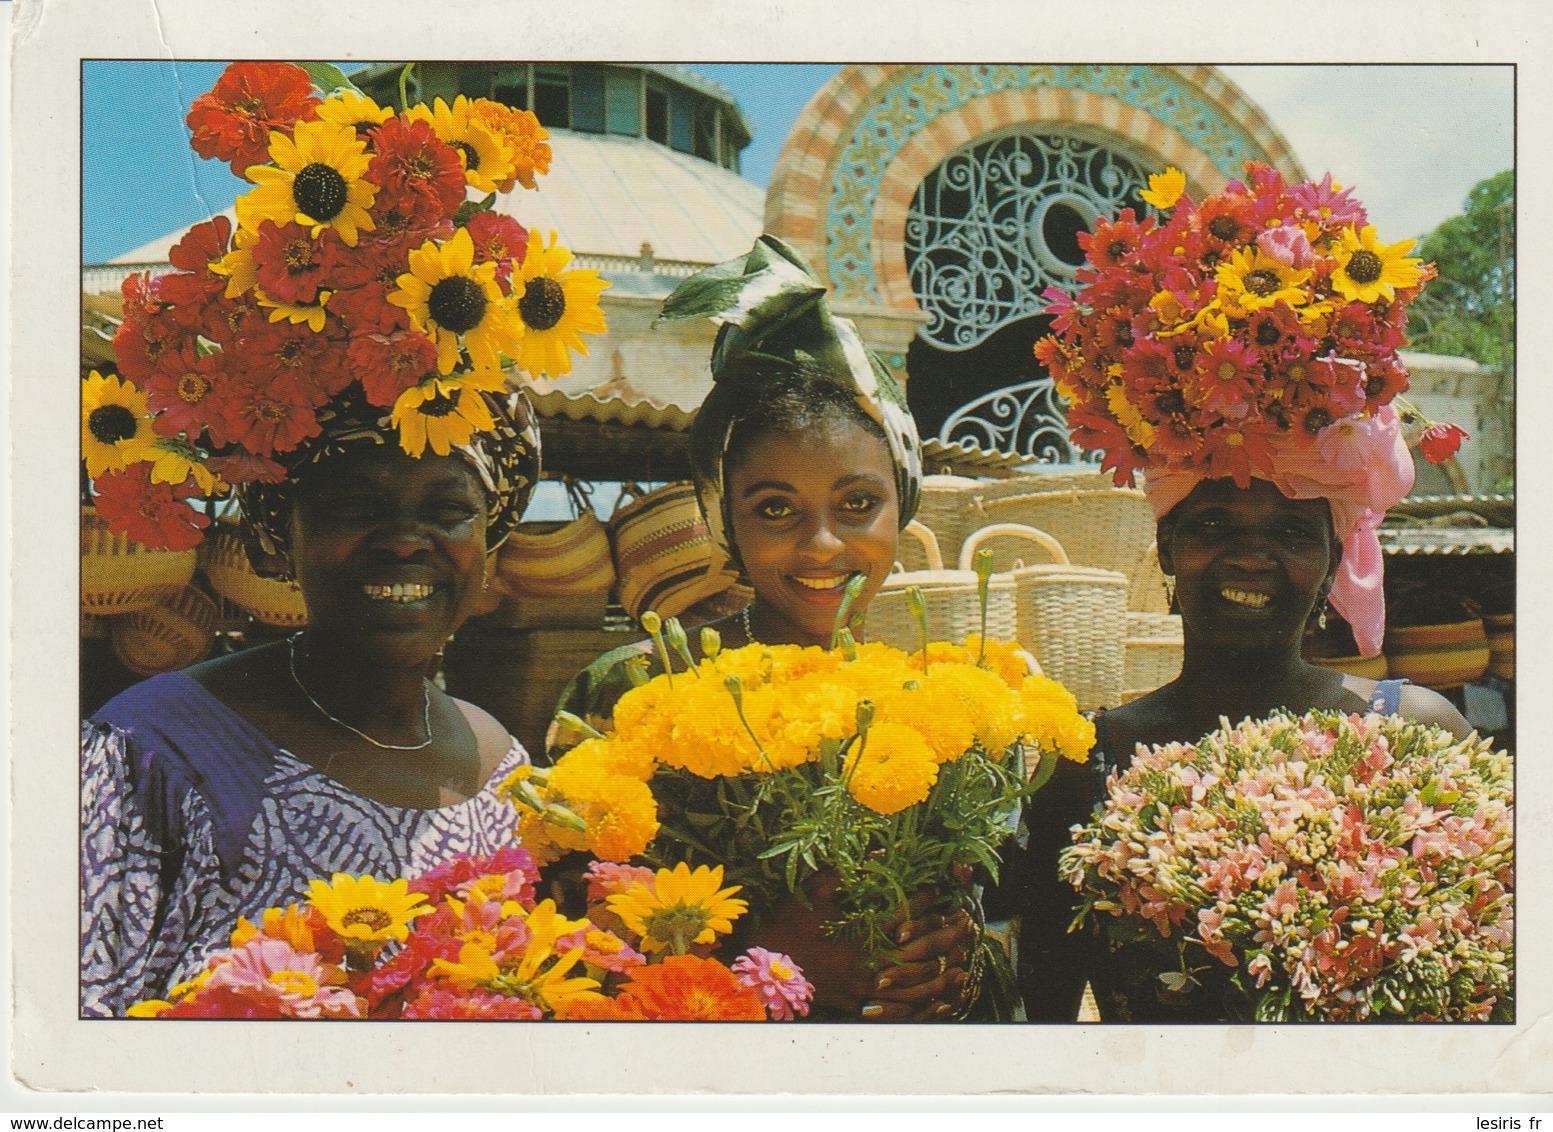 C.P. - PHOTO - COULEURS DU SÉNÉGAL - LES FLEURISTES KERMEL - 1156 - M. RENAUDEAU - HOA QUI - - Senegal